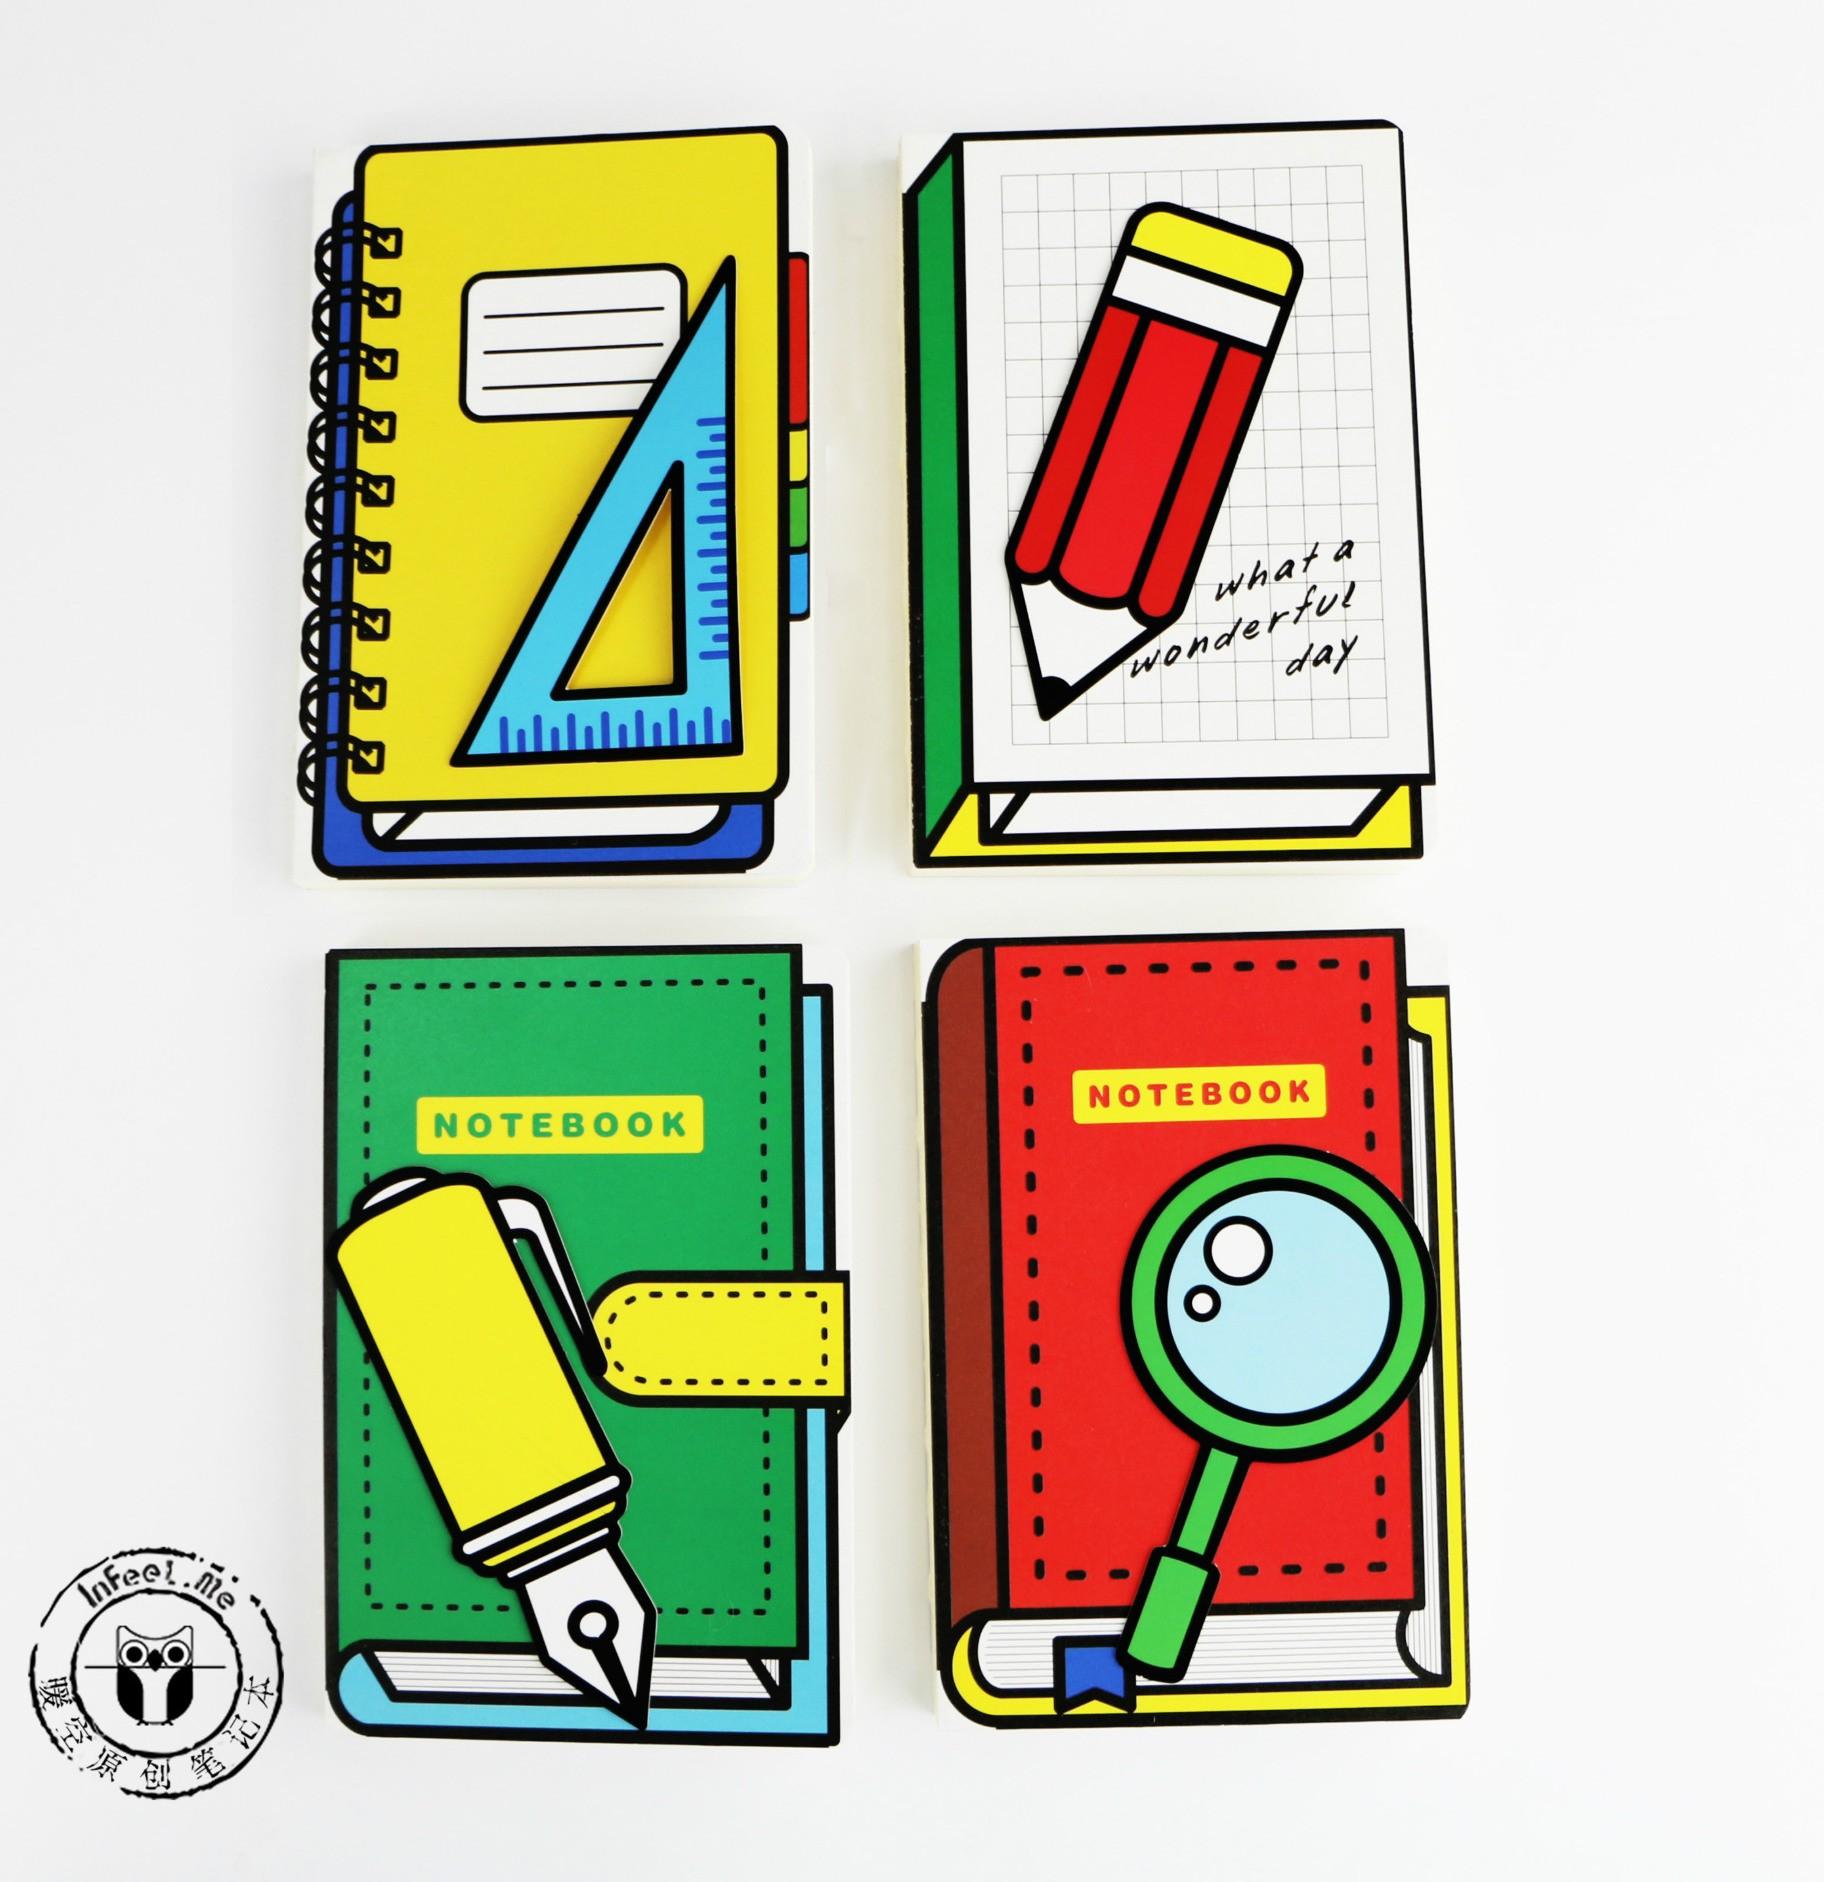 Calendario Para Imprimir 2019 Decorado Más Actual ᗑelemento Cuadrática De Escritorio Creativos štiles Escolares